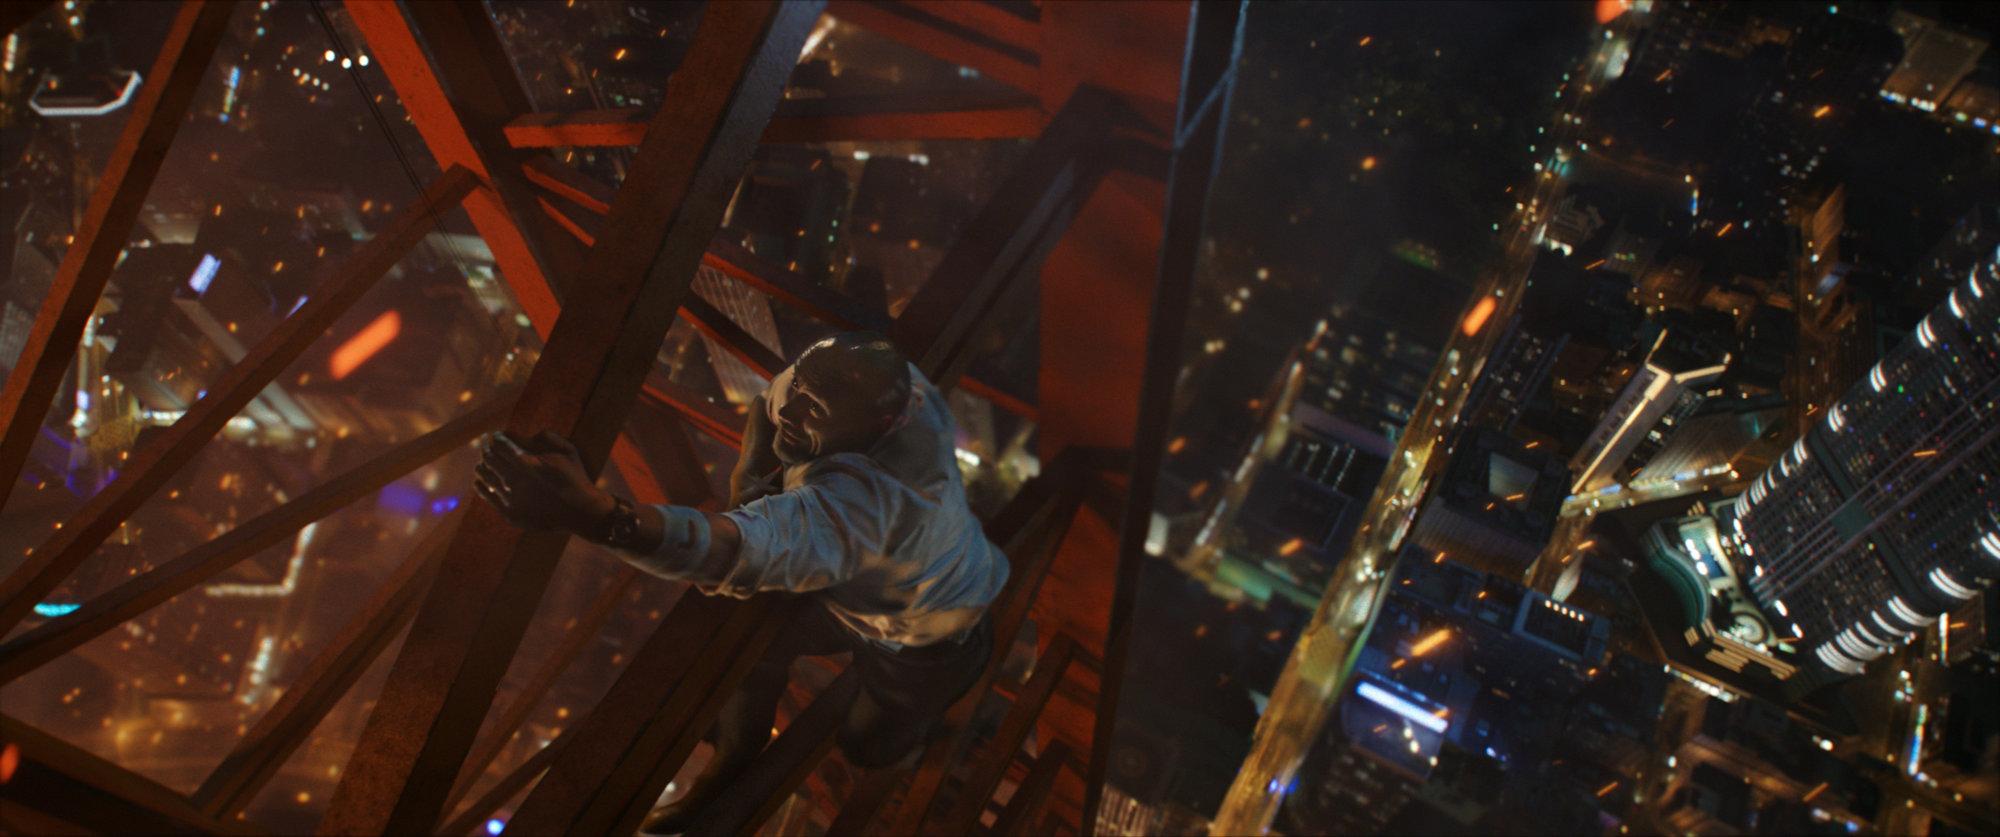 dwayne johnson se la joue bruce willis dans skyscraper